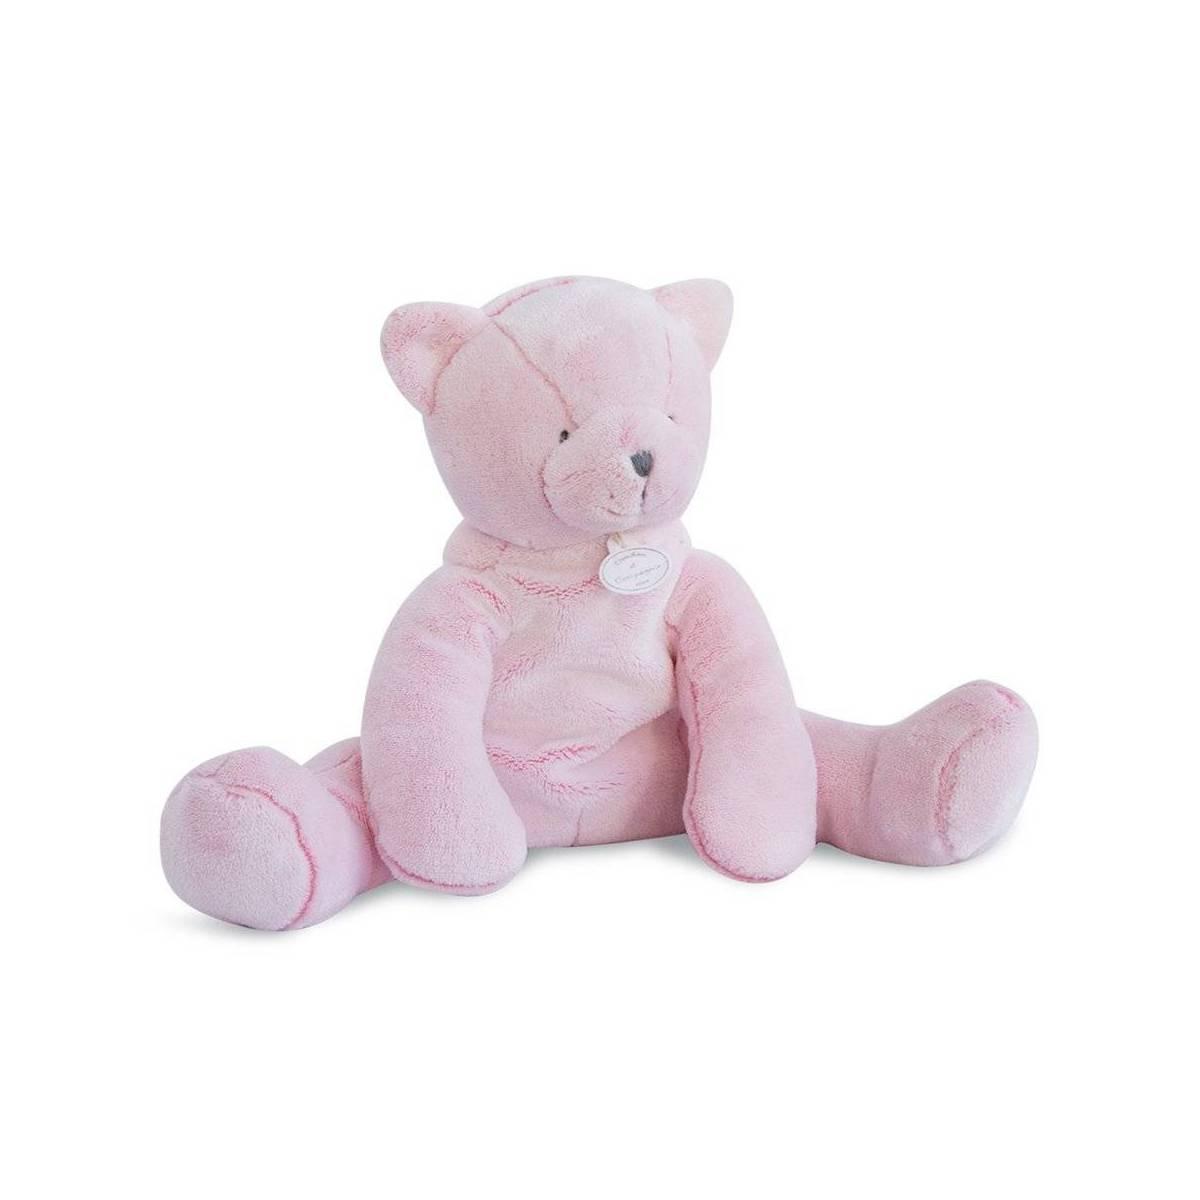 Doudou et Compagnie - J'Aime mon Doudou Chat Rose - 35 cm